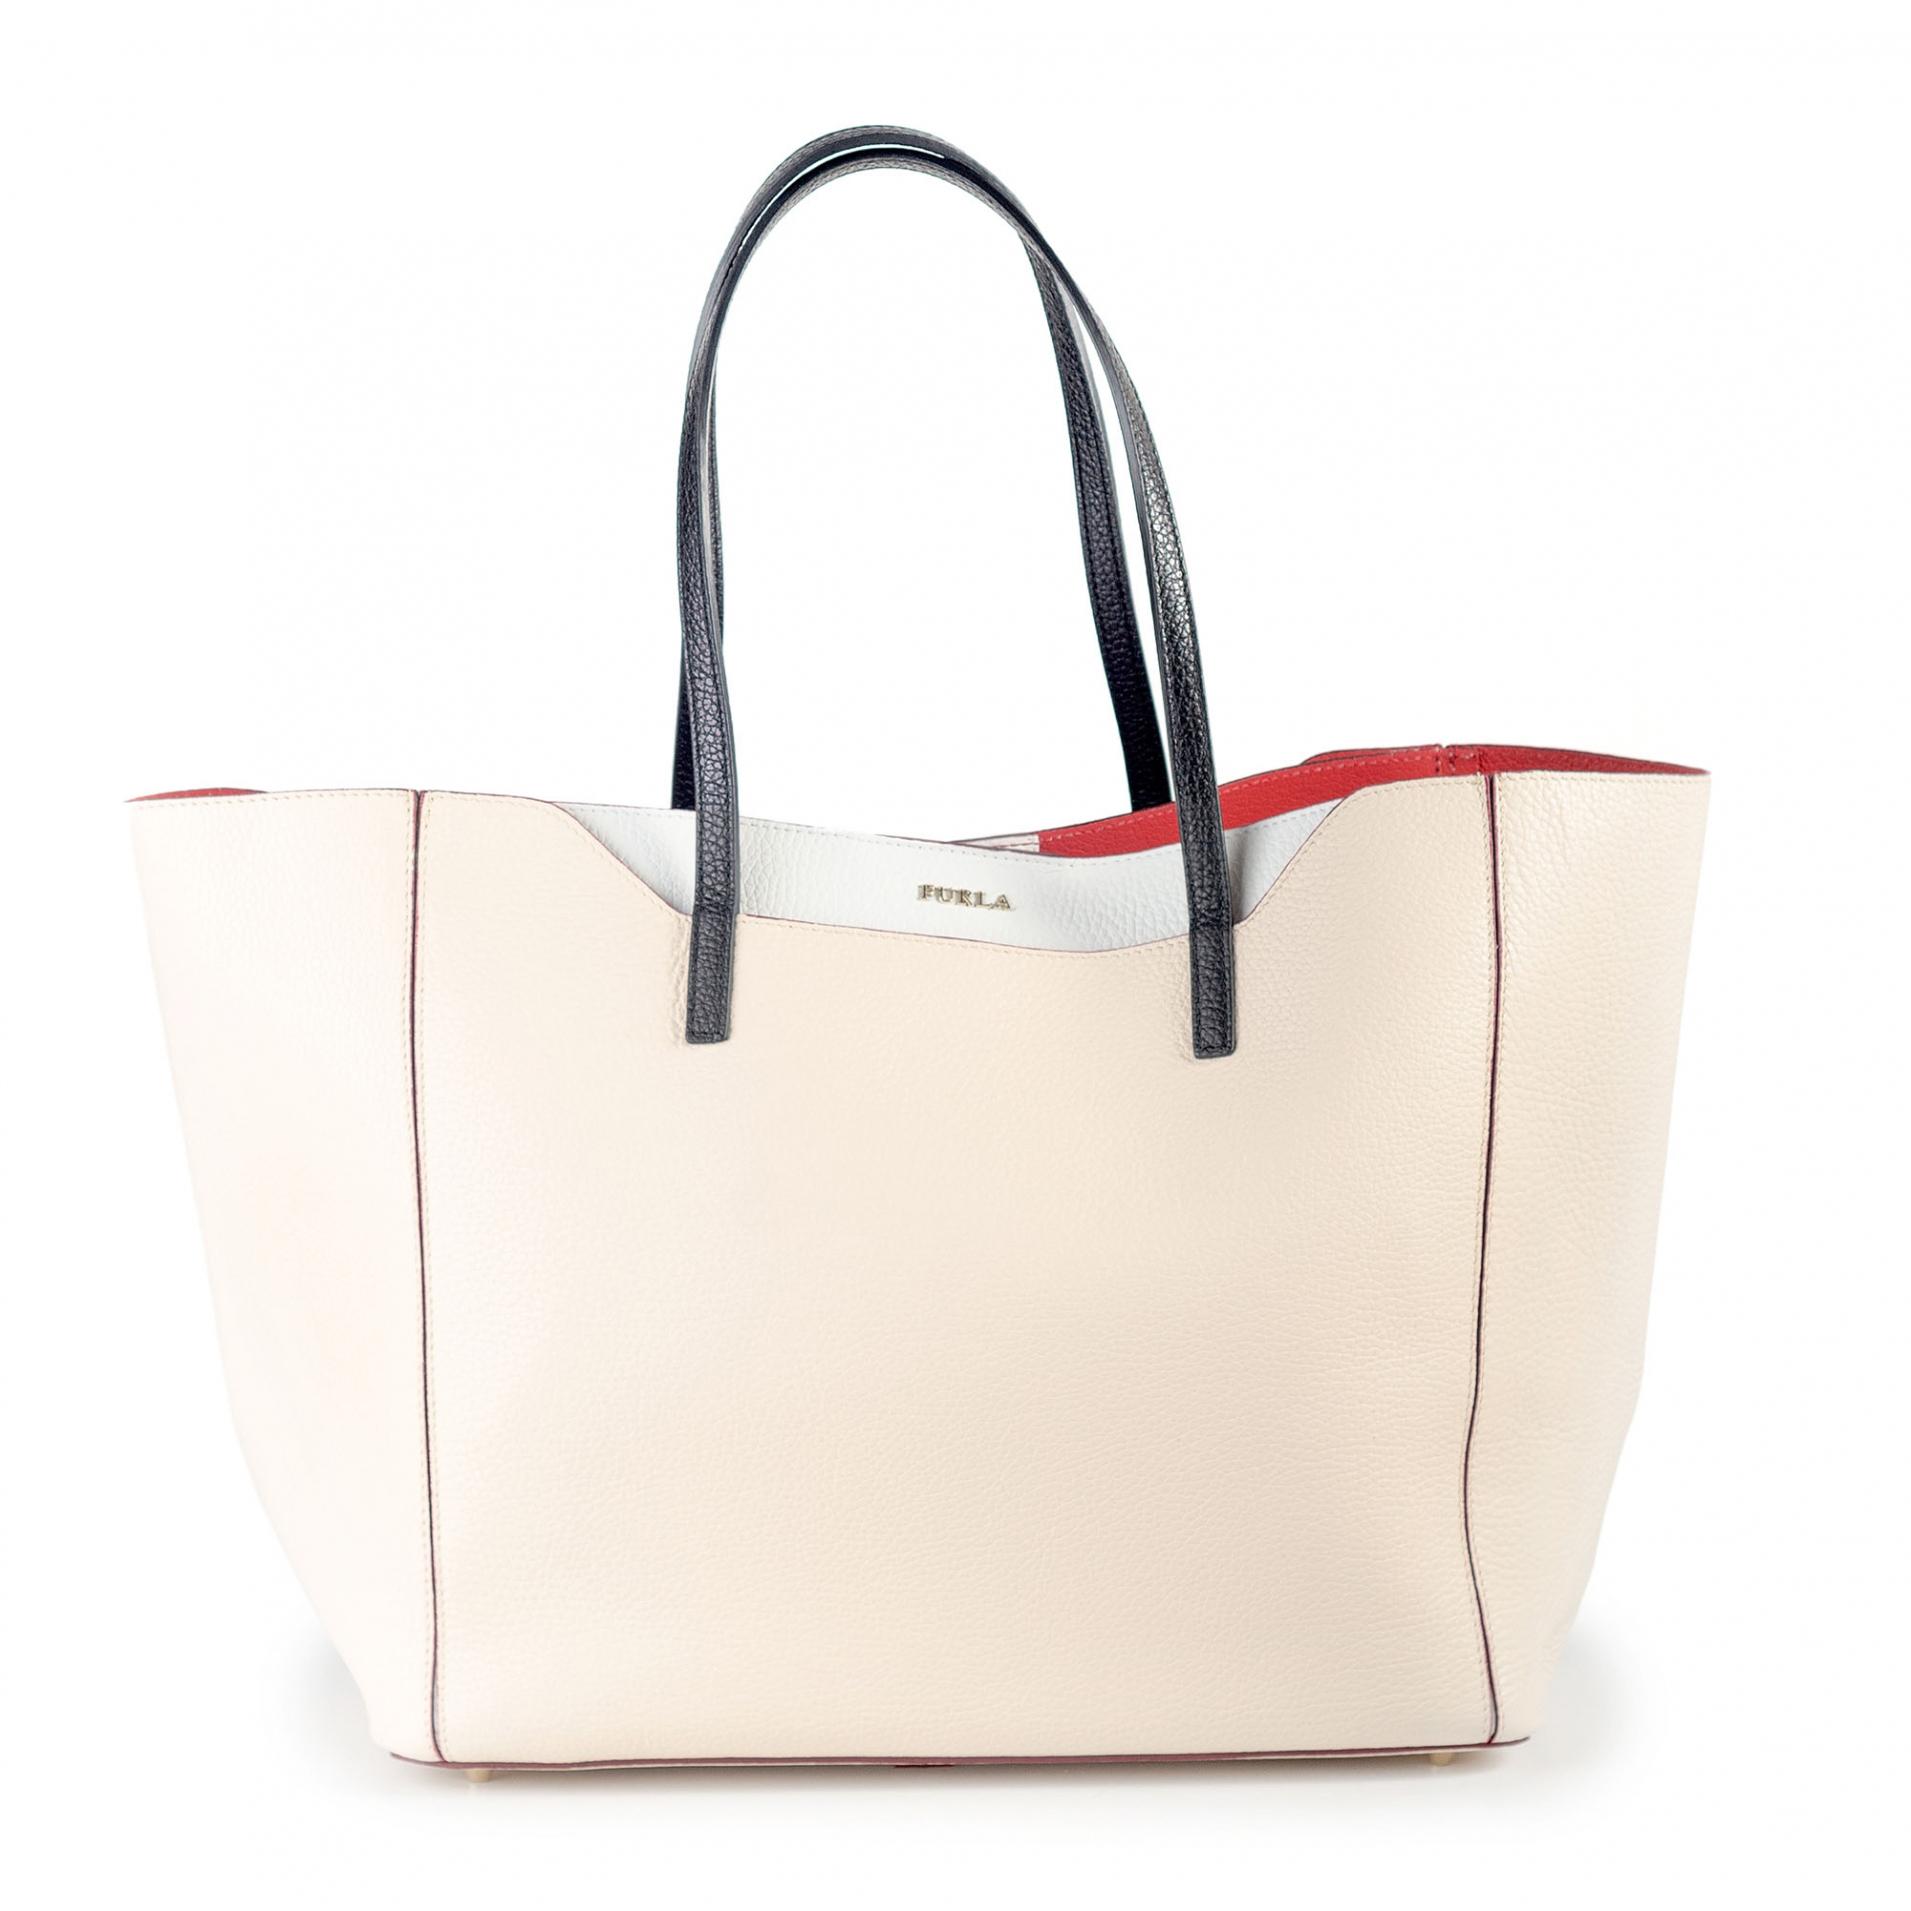 Сумка шопер - вместительная сумка классических оттенков